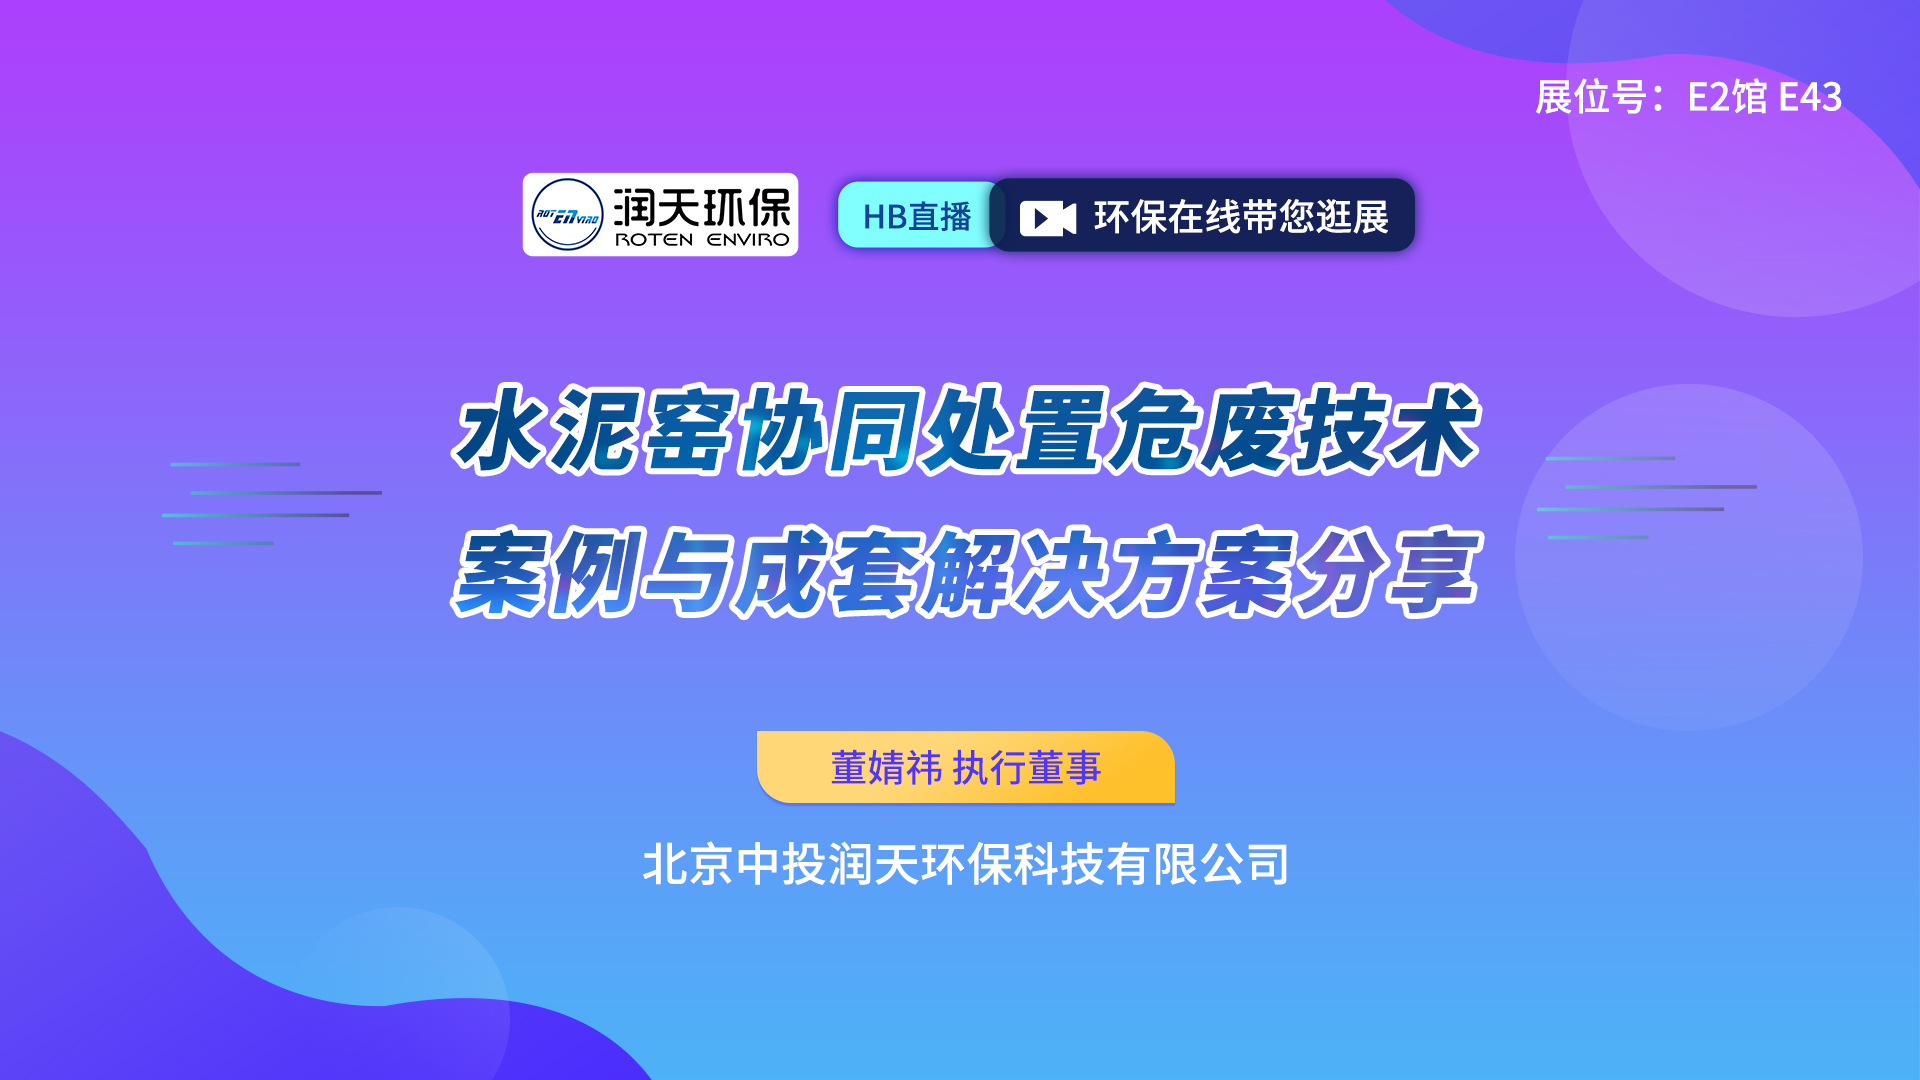 展臺坐標E2館 E43 北京中投潤天環保盛裝出席中國環博會